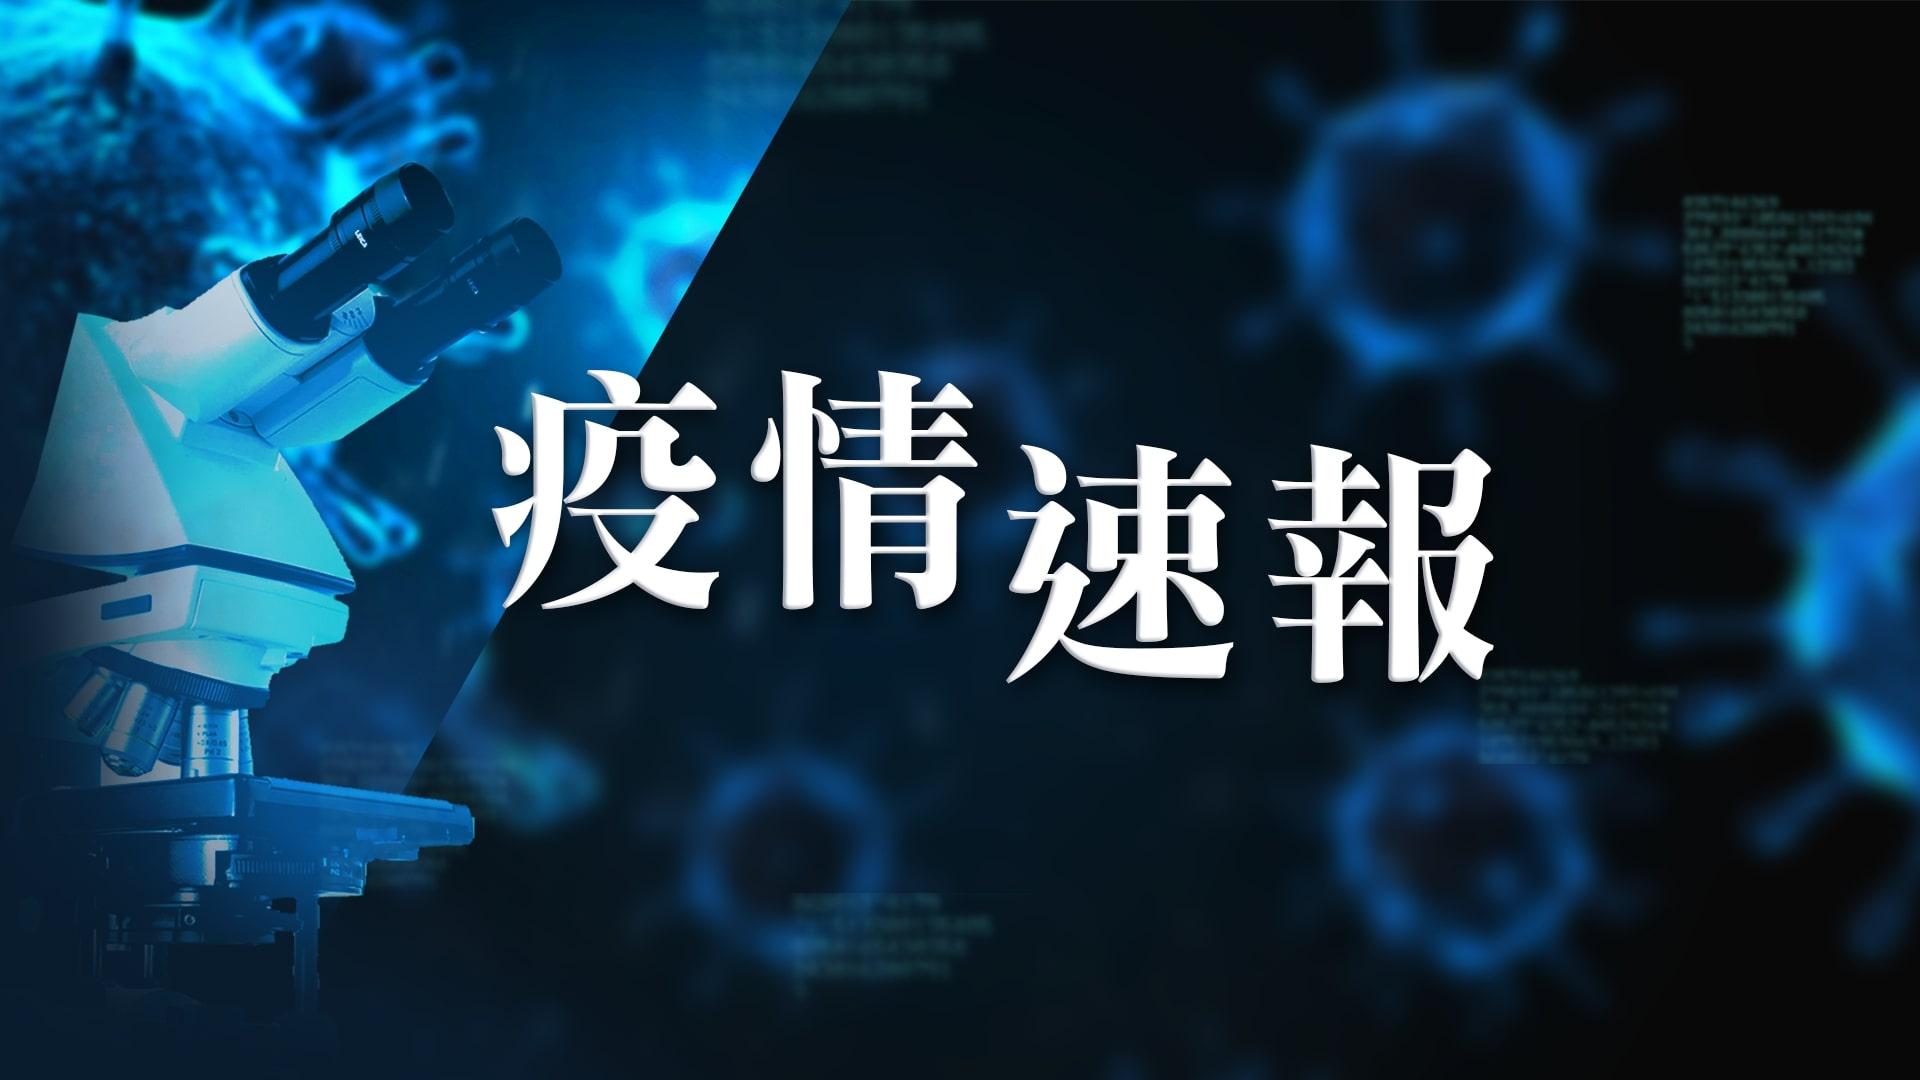 【2月25日疫情速報】 (23:40)